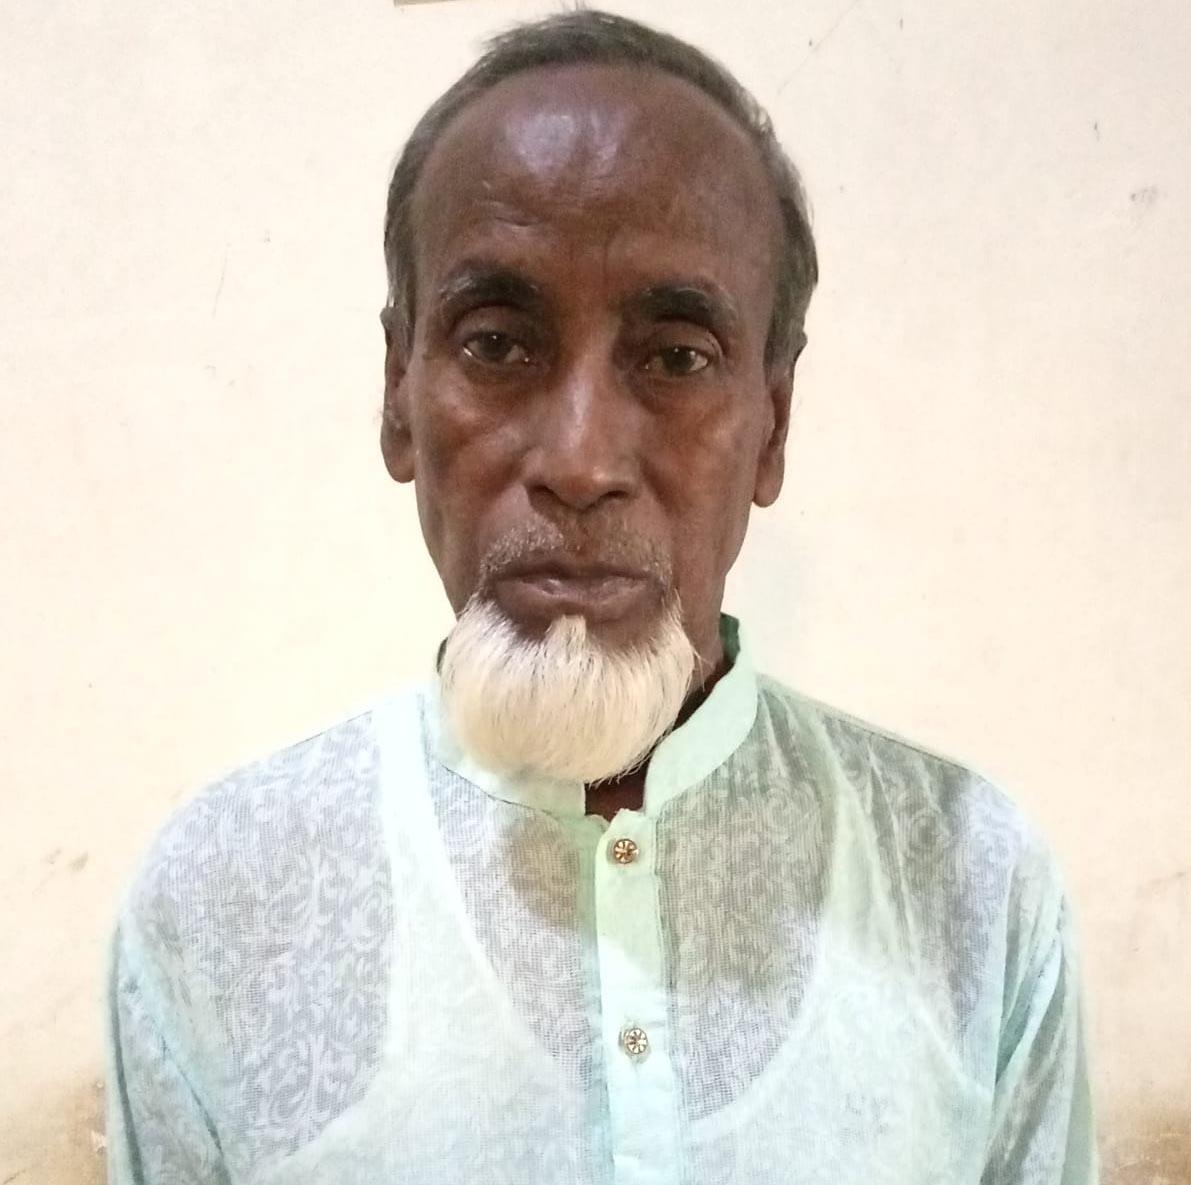 শালিস ব্যক্তিত্ব আছান আলী নানু'র  ইন্তেকাল ॥  দাফন সম্পন্ন